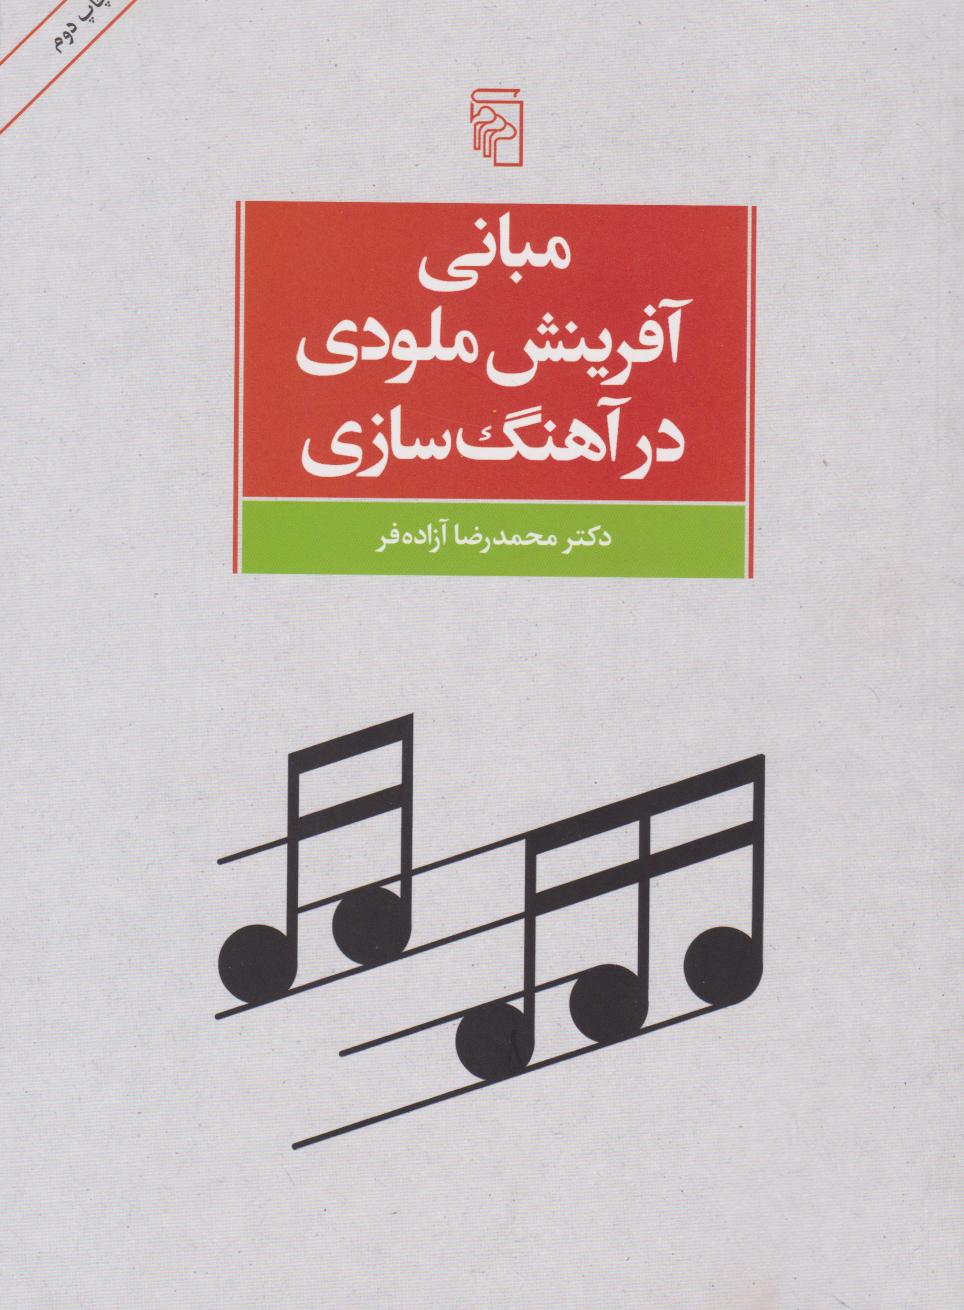 کتاب مبانی آفرینش ملودی در آهنگسازی محمدرضا آزادهفر انتشارات مرکز